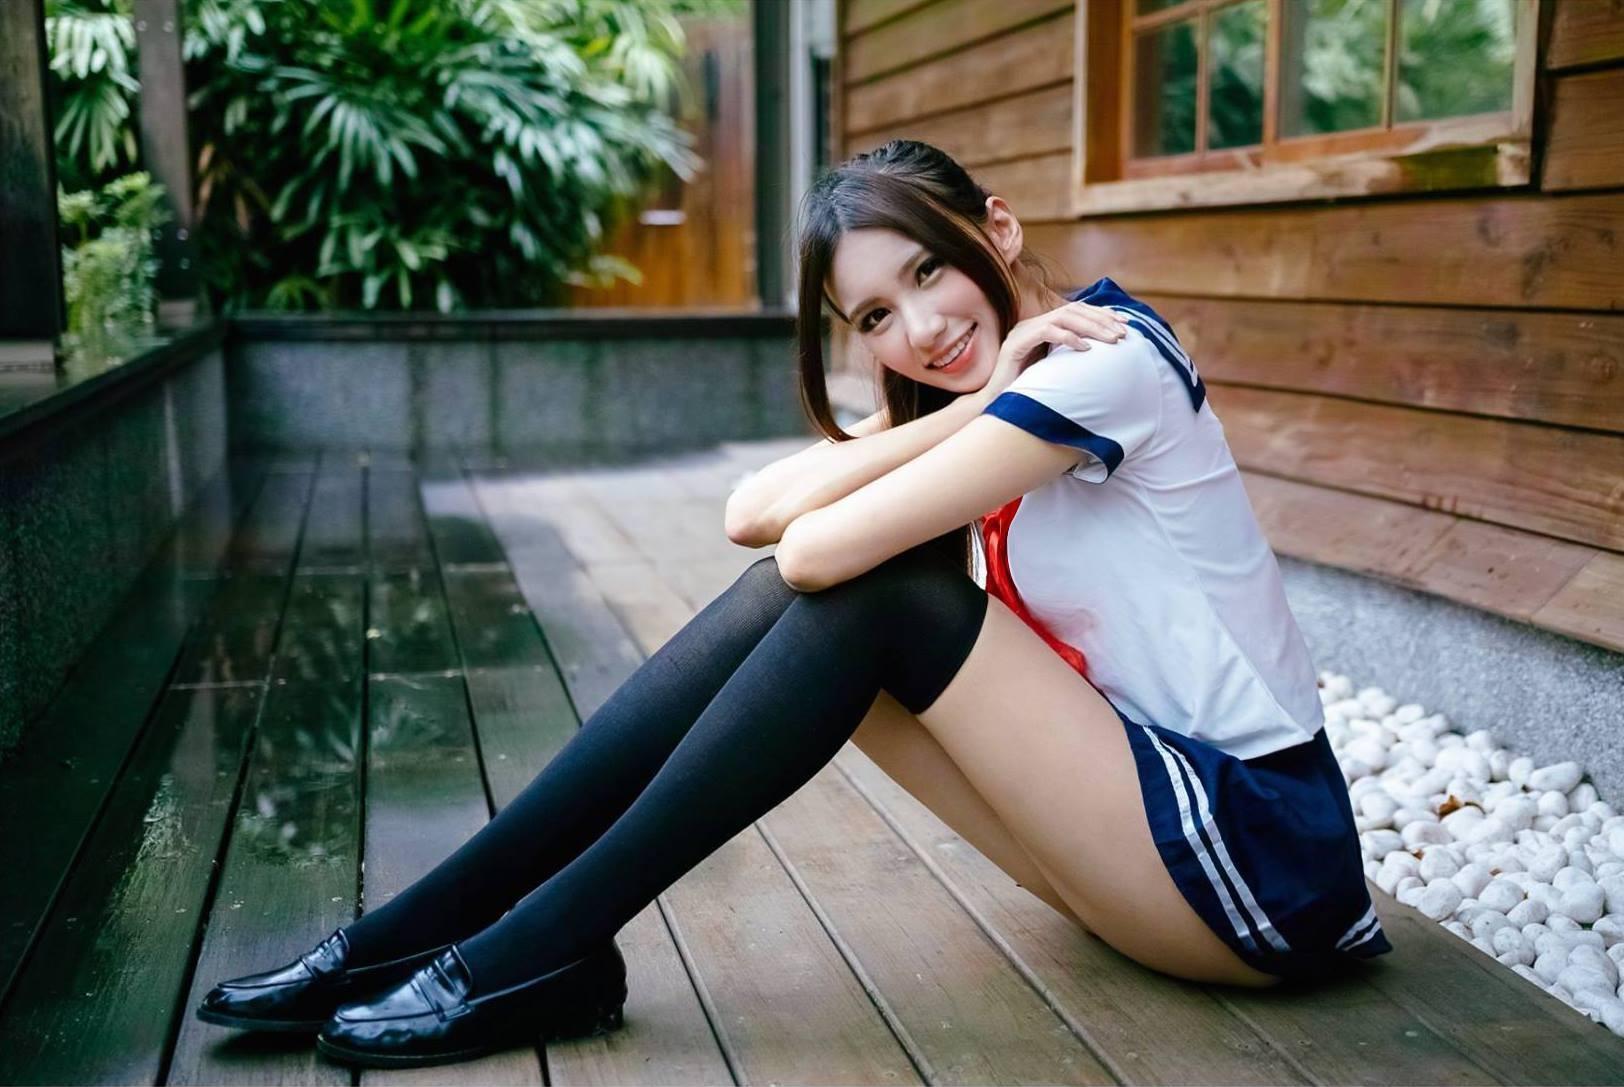 正妹口交网_台湾「校花级正妹」轰动日本 标题激赞:美到跪了